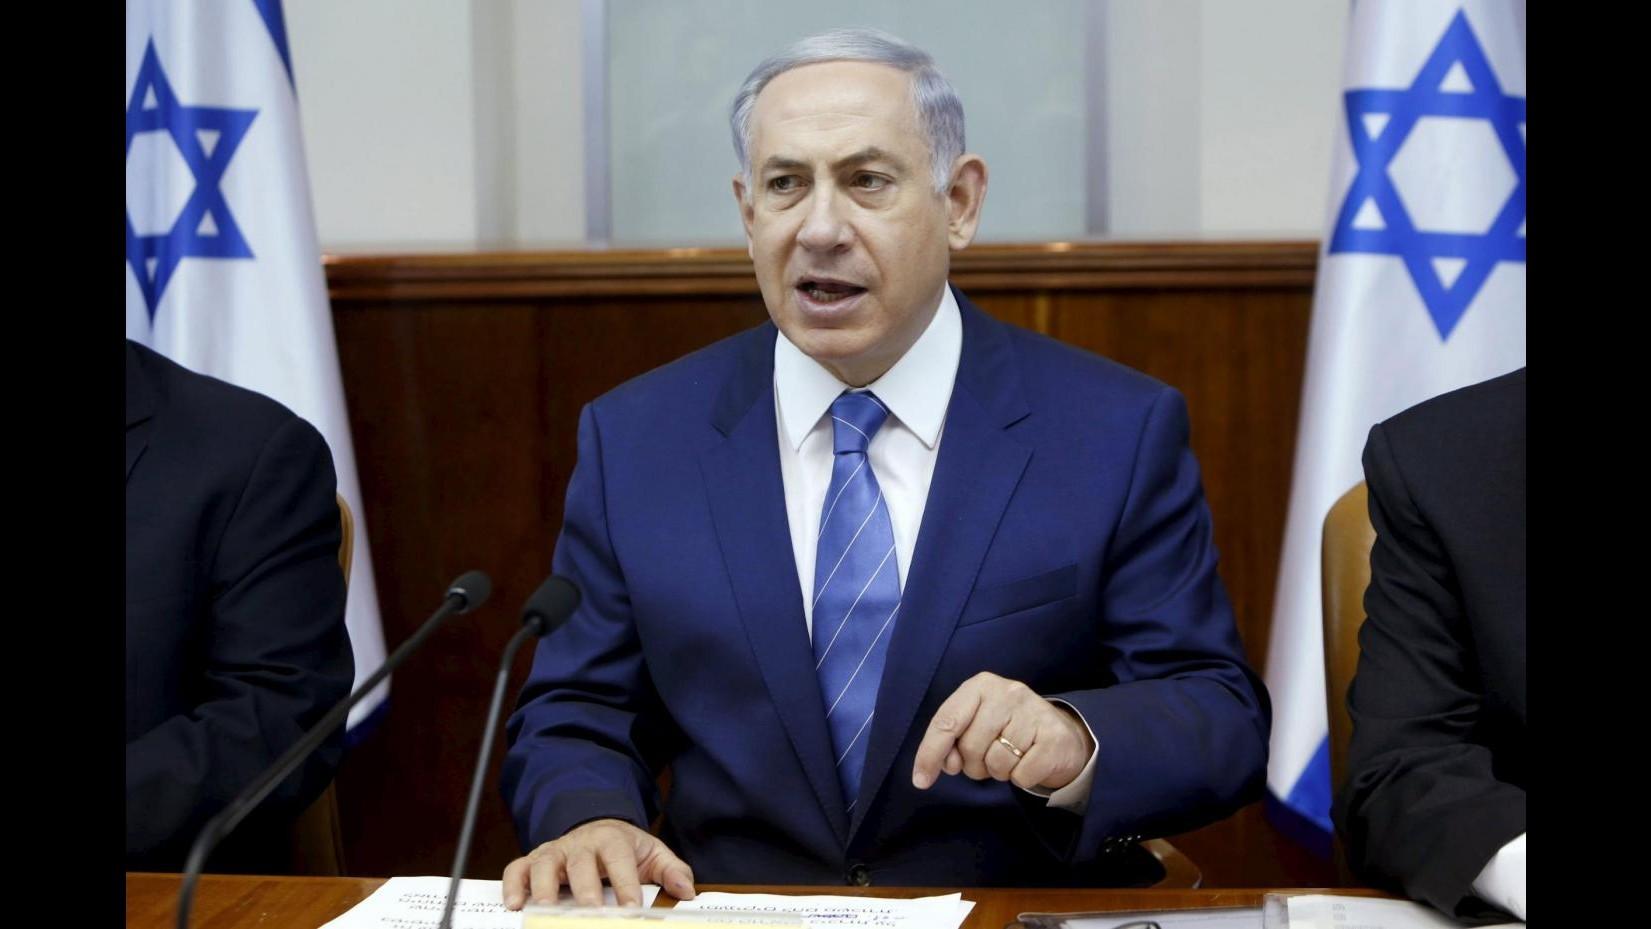 Netanyahu choc: Hitler non voleva Olocausto, glielo chiese muftì. È bufera